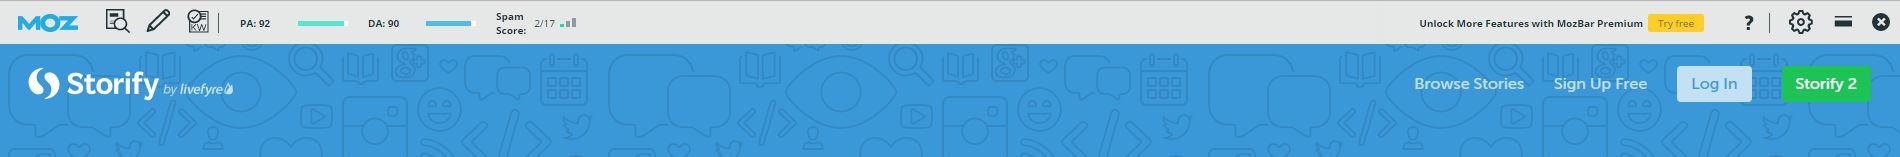 Autoridad que muestra la toolbar de Moz para Storify.